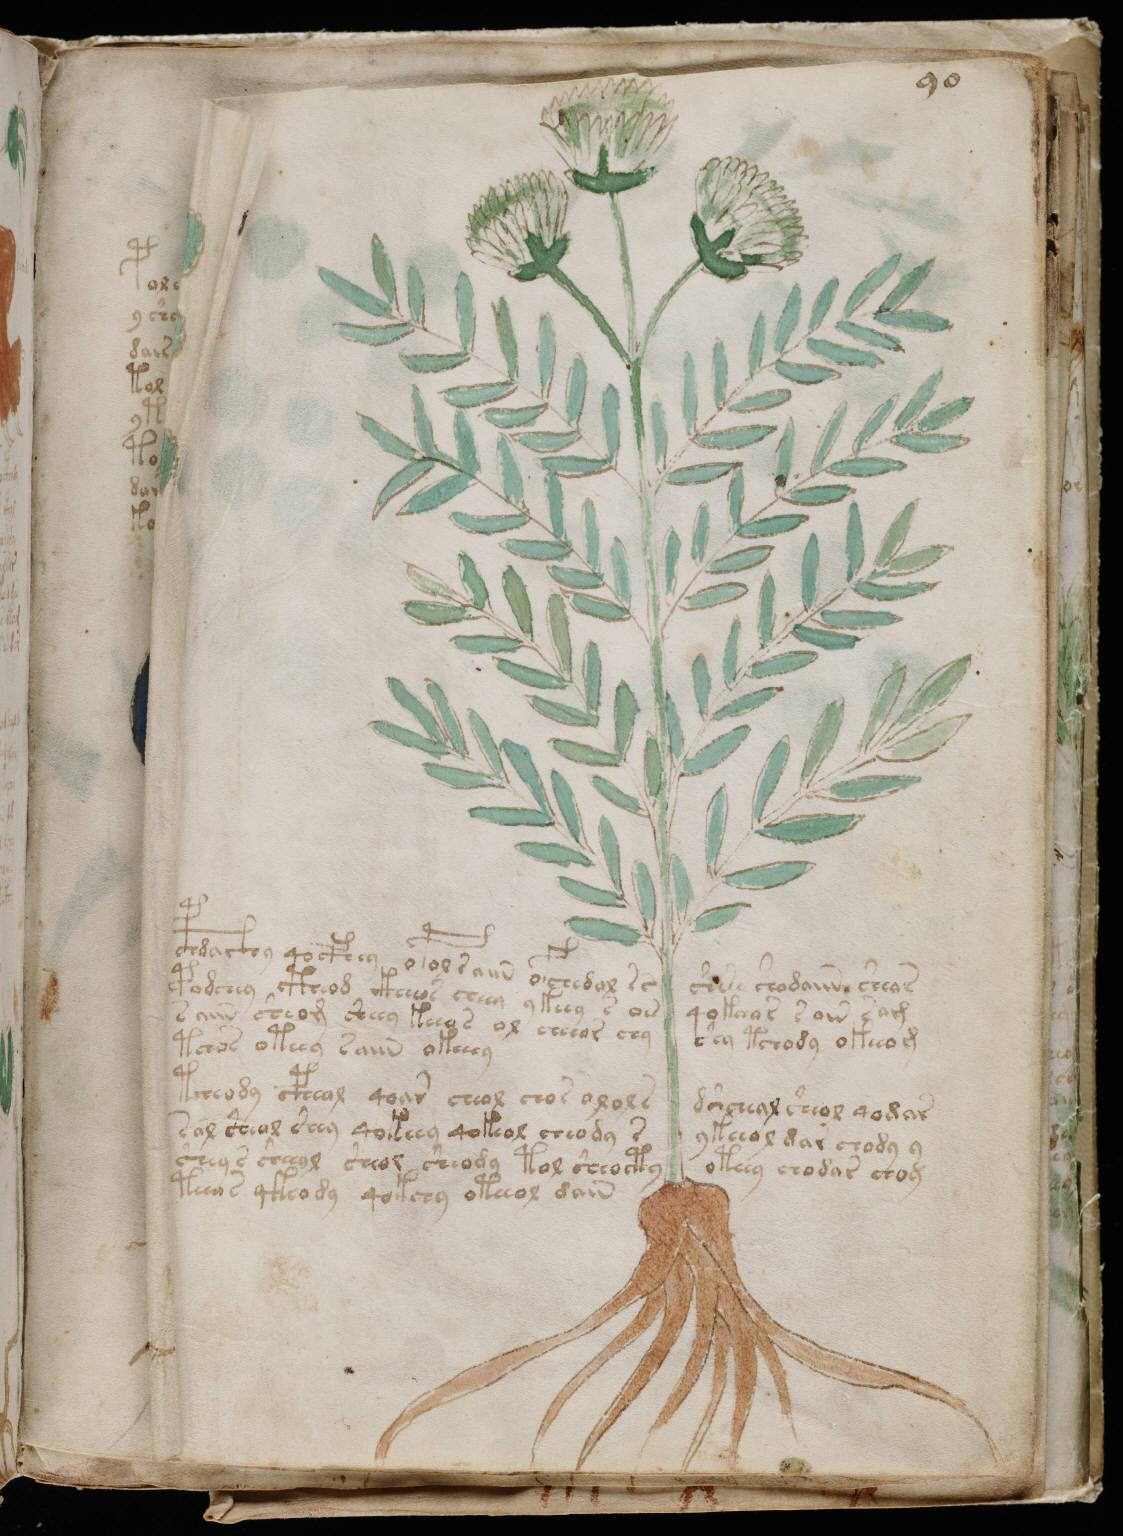 manuscrito163